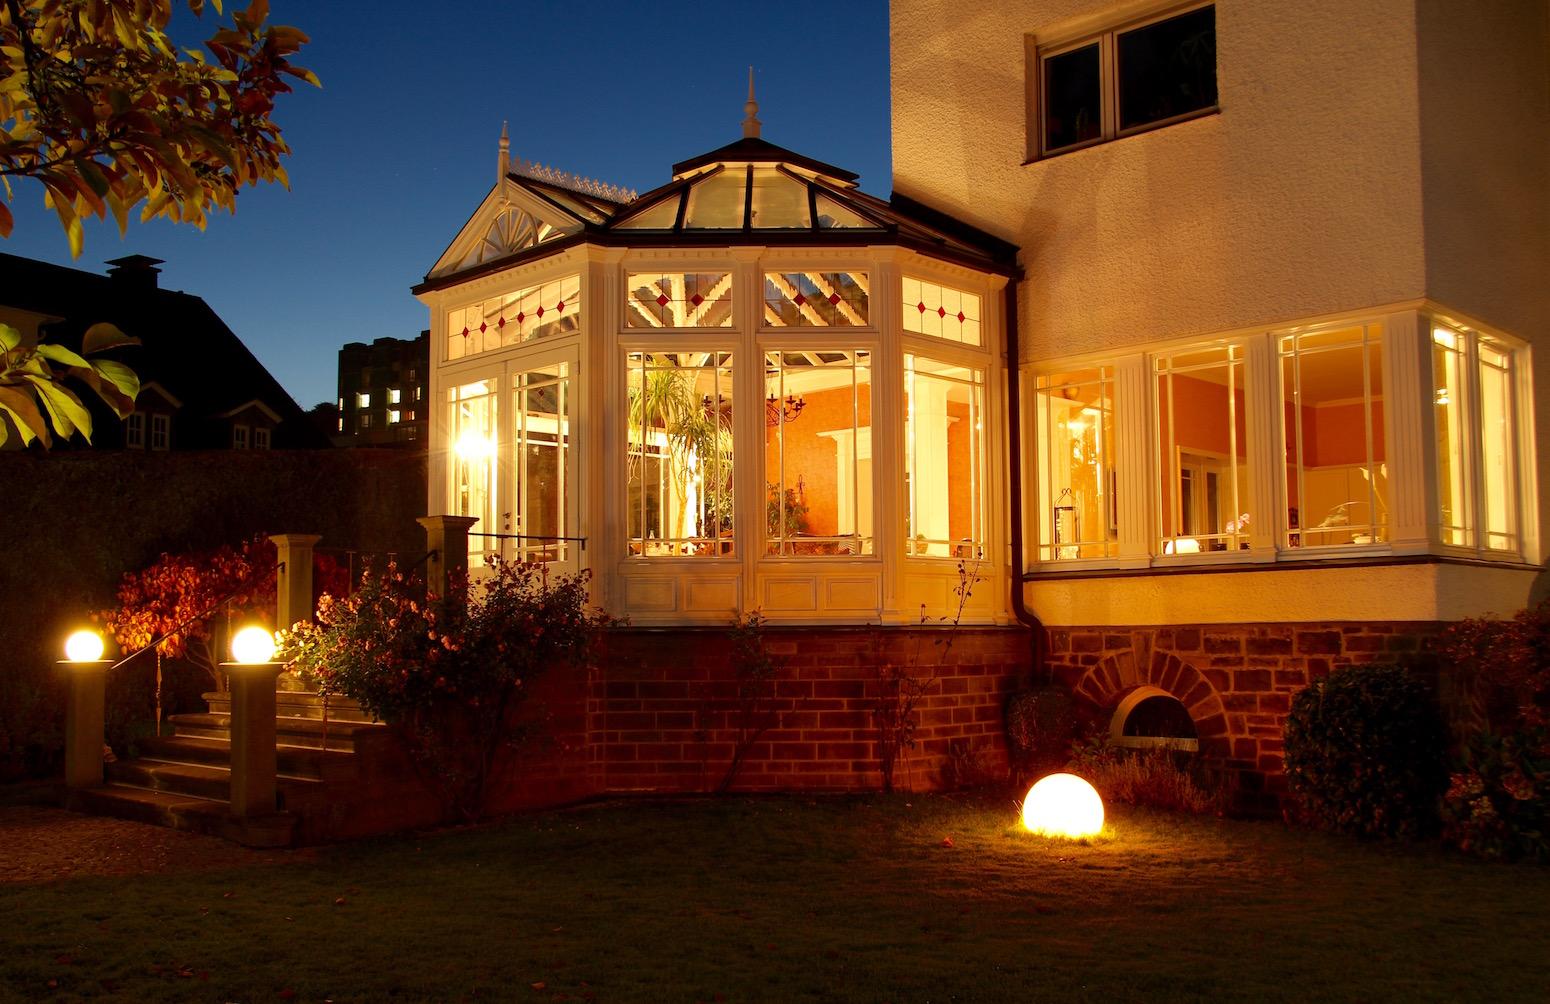 Wintergarten Hersteller Deutschland jc exklusive wintergärten klassische wintergärten im britischen